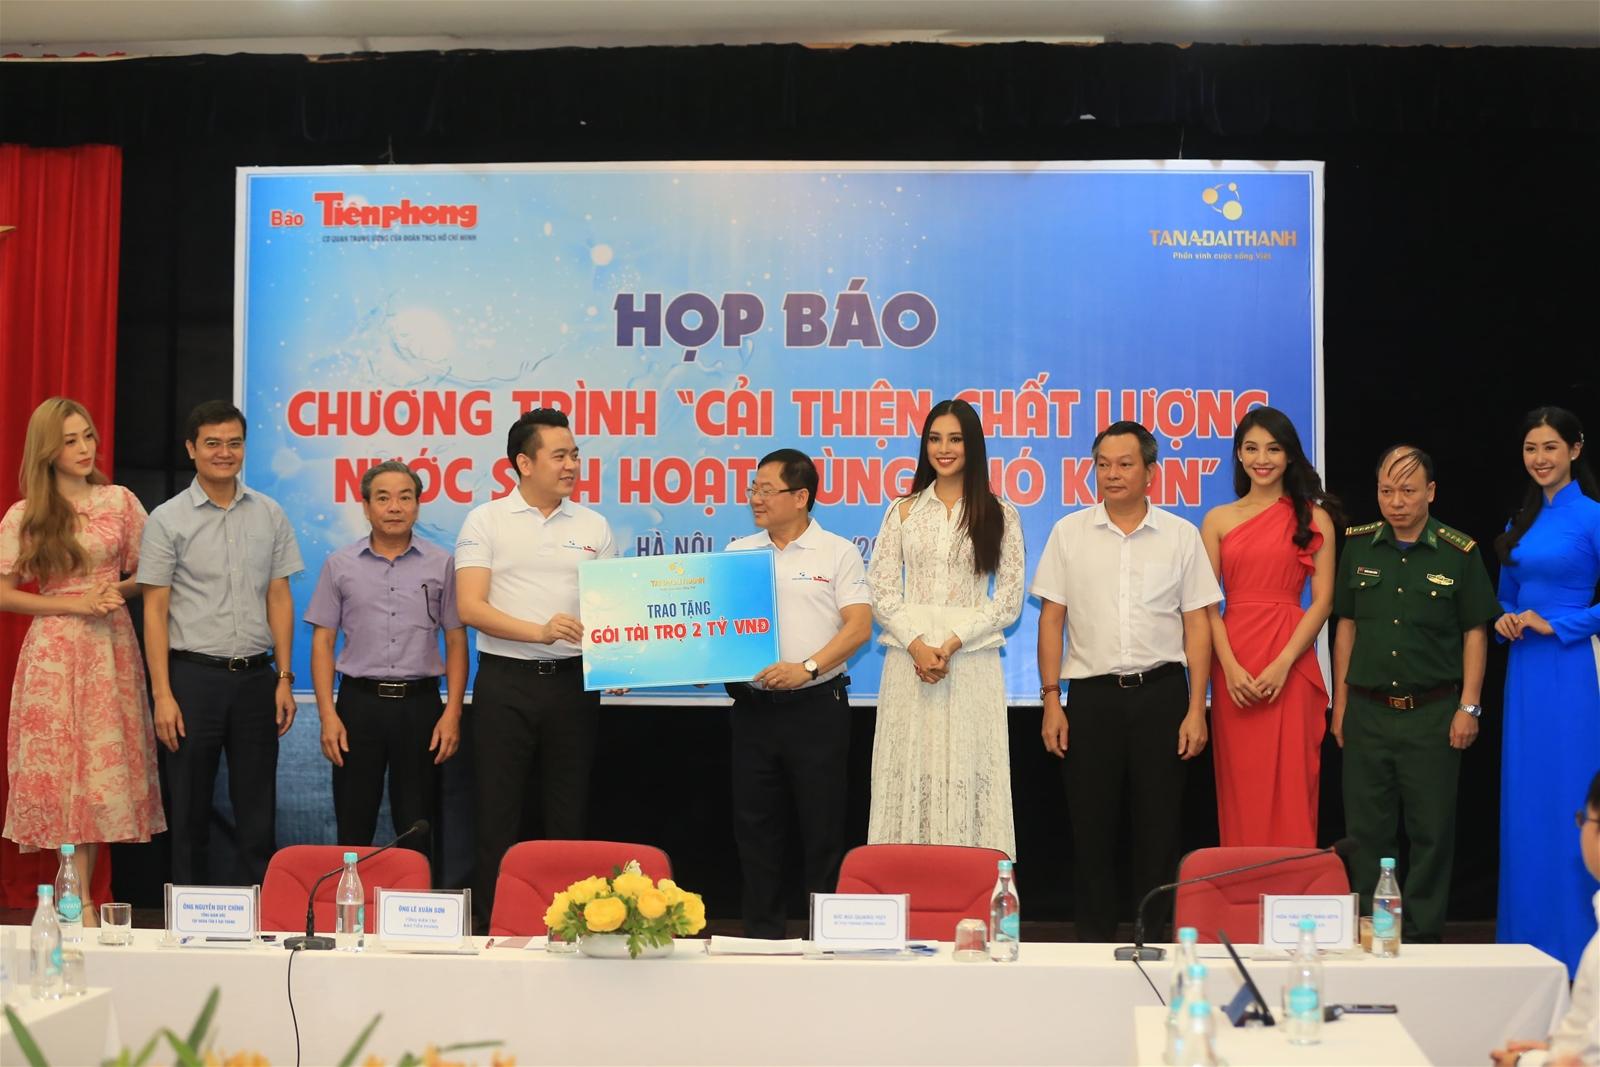 Tân Á Đại Thành chung tay cải thiện nguồn nước sinh hoạt vùng khó khăn